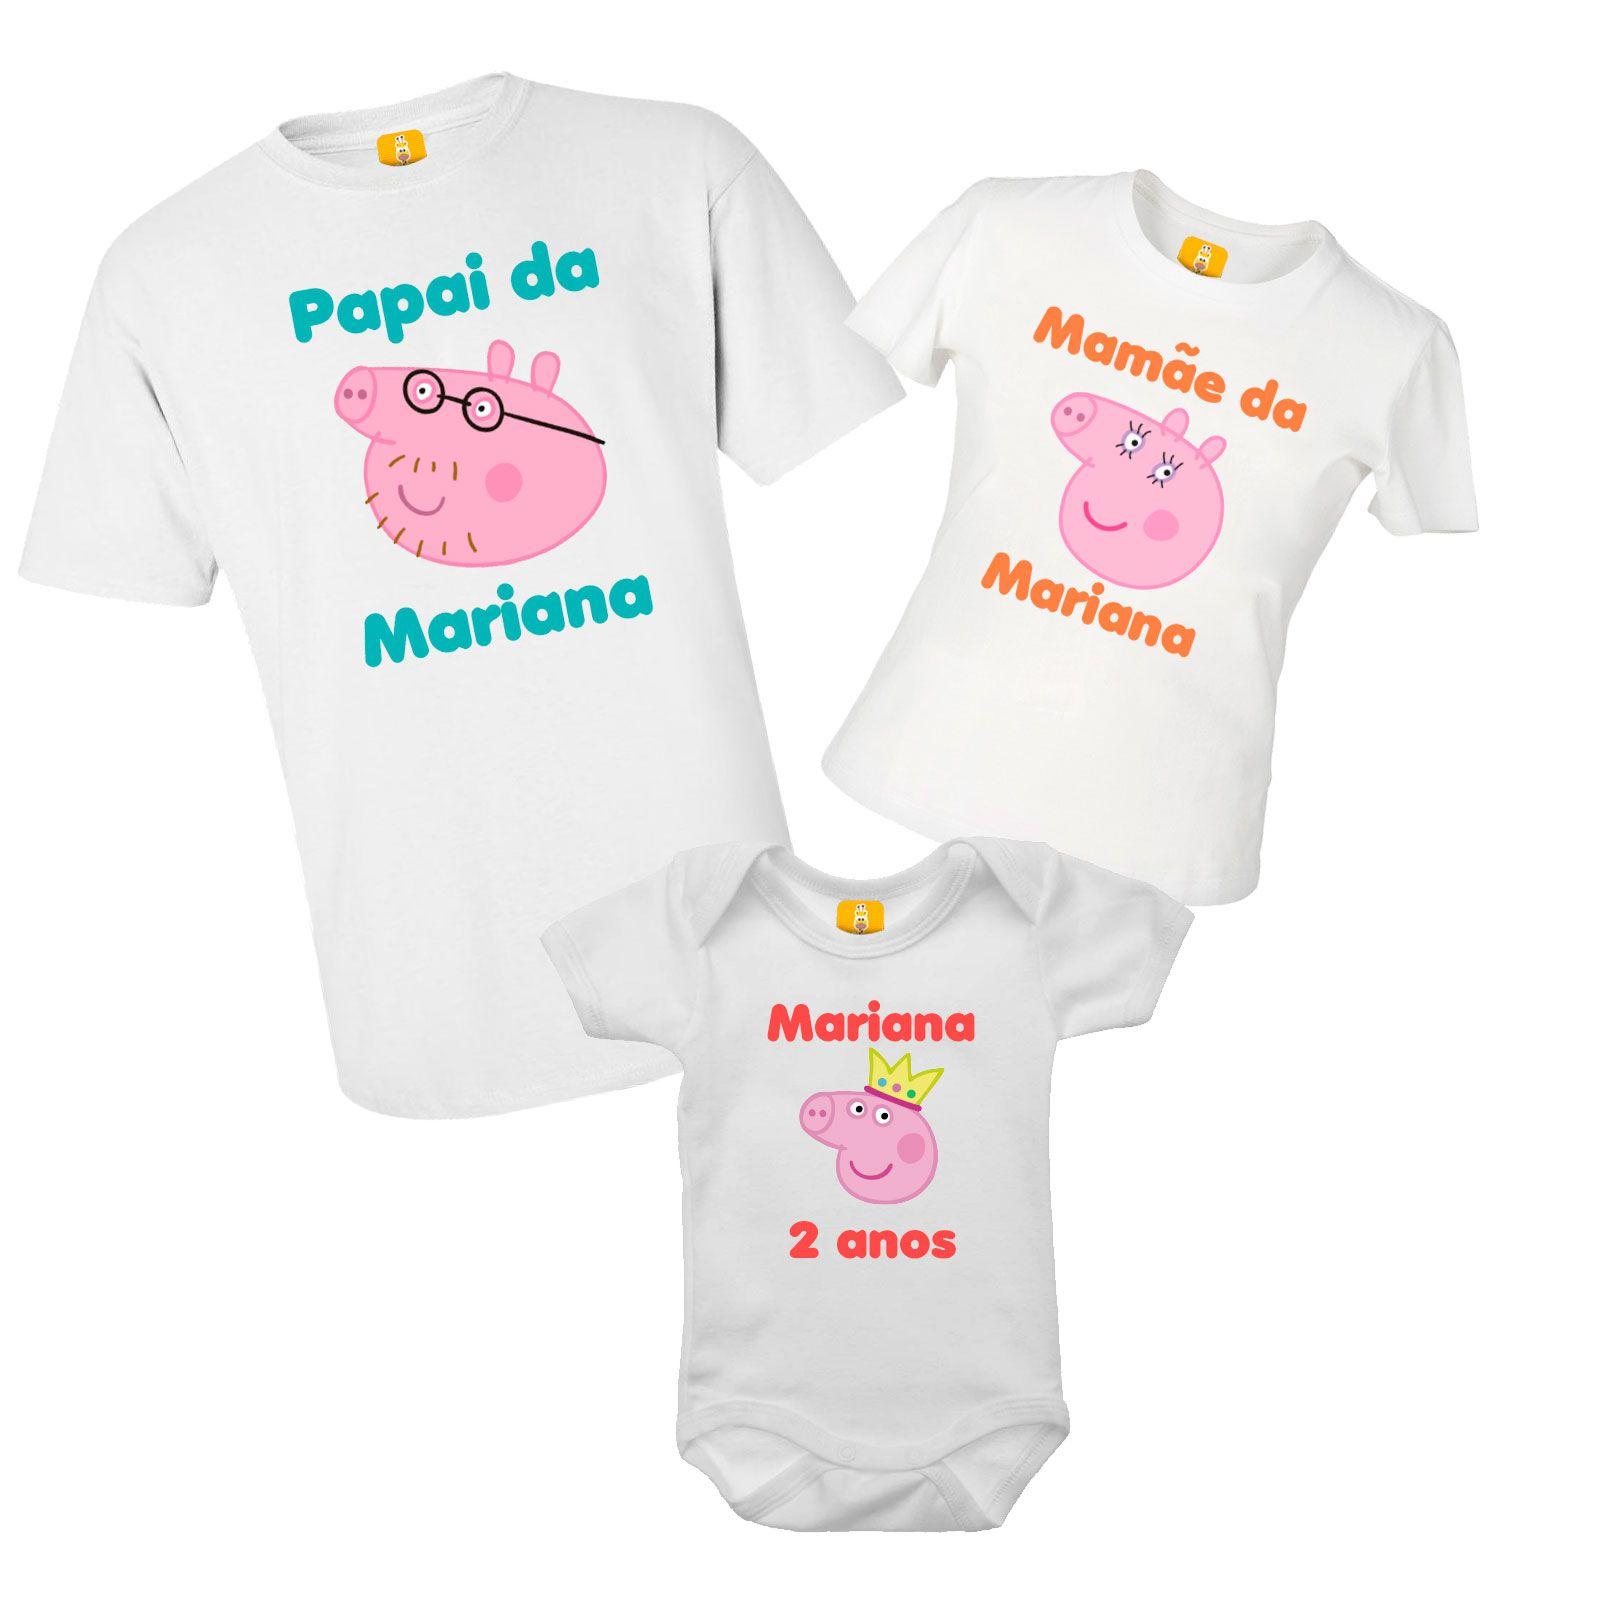 Kit camiseta para aniversário - Peppa pig